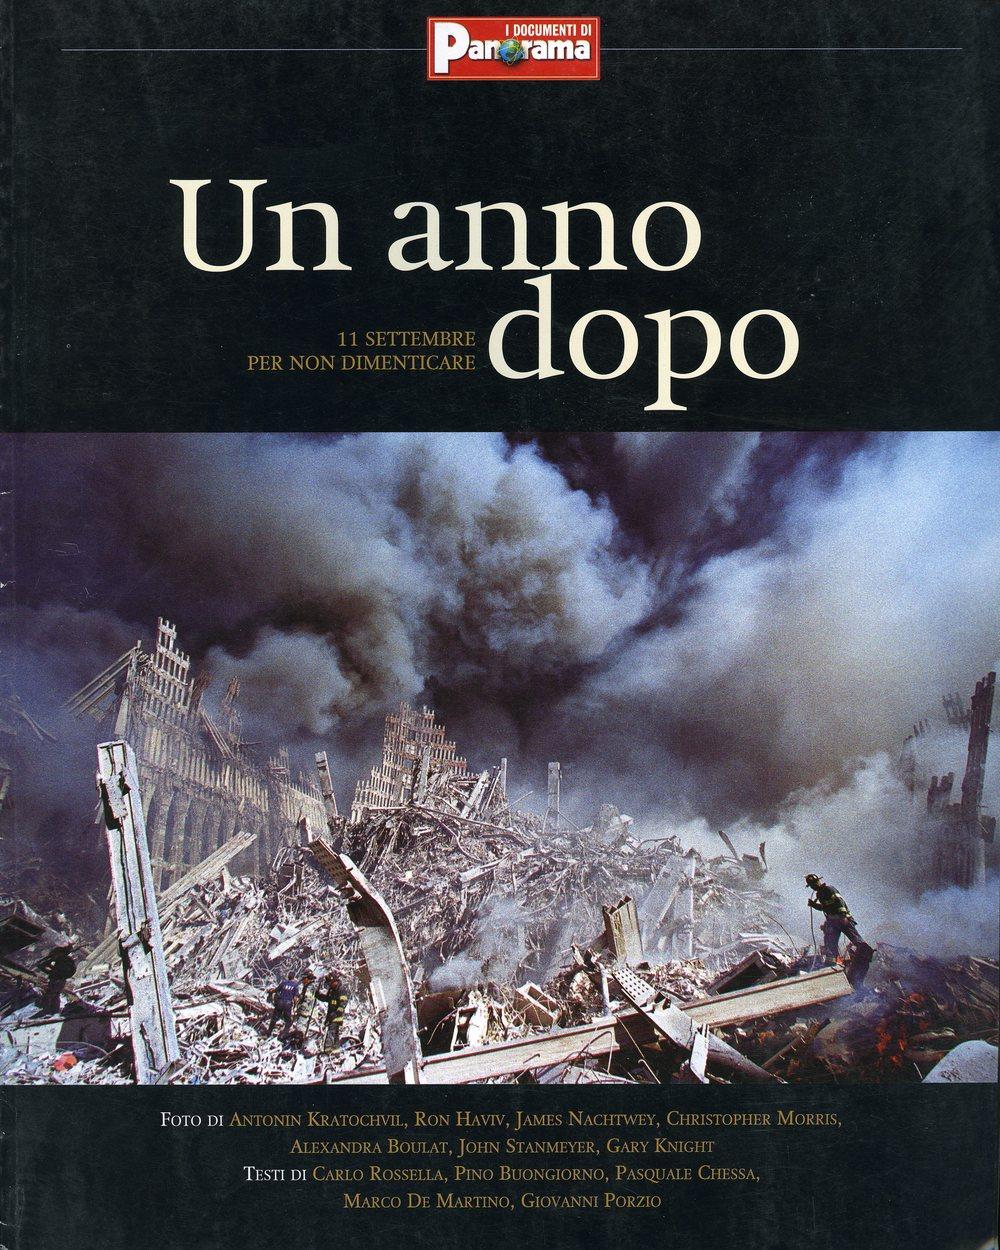 09122002_UN ANNO DOPO_COVER.jpg